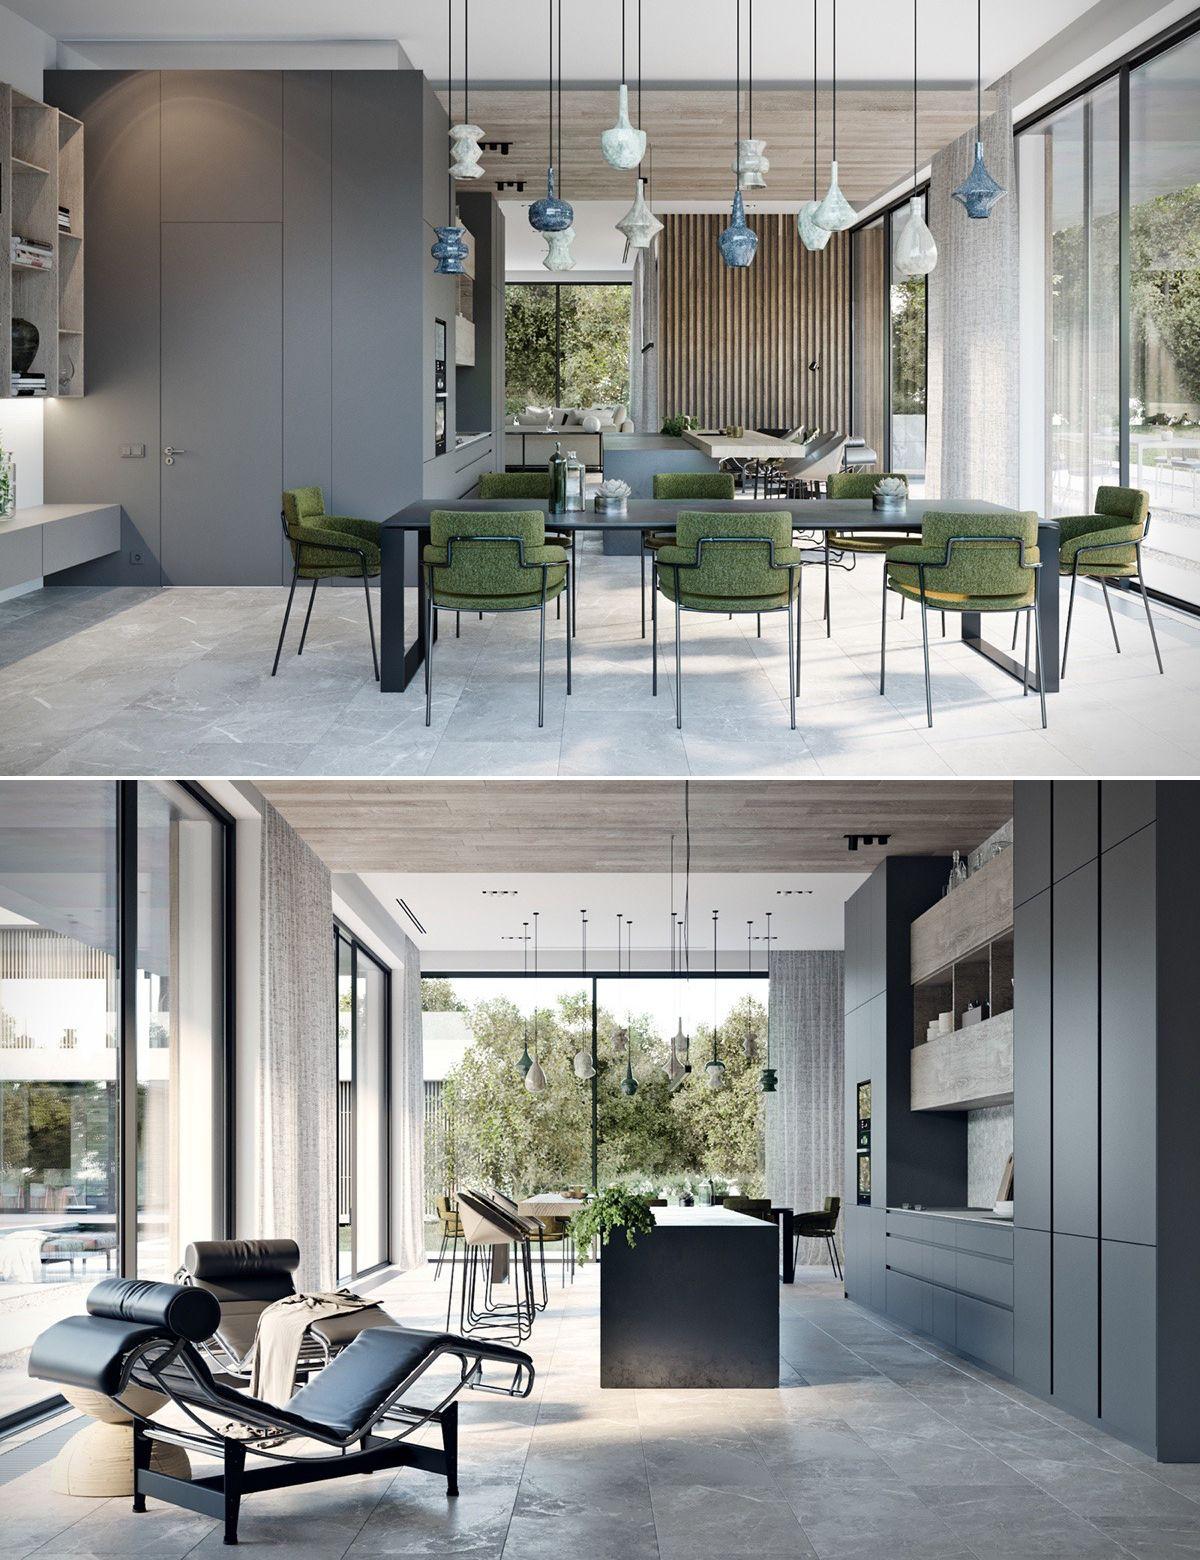 Home Designing Home Designing Interior Design